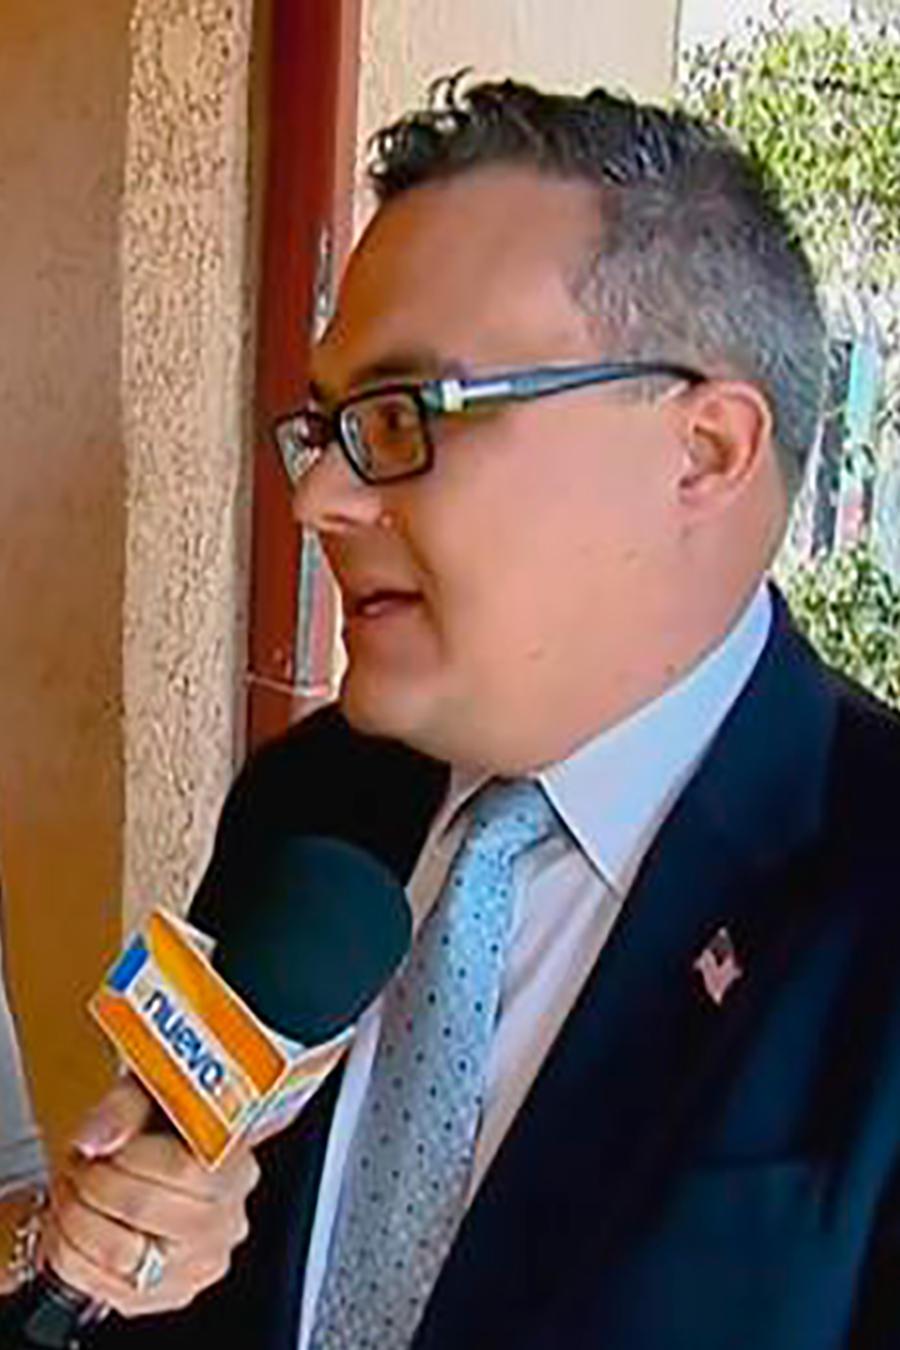 Amelia Macchiavello y el abogado Alex Gálvez le darán la sorpresa a una familia hispana